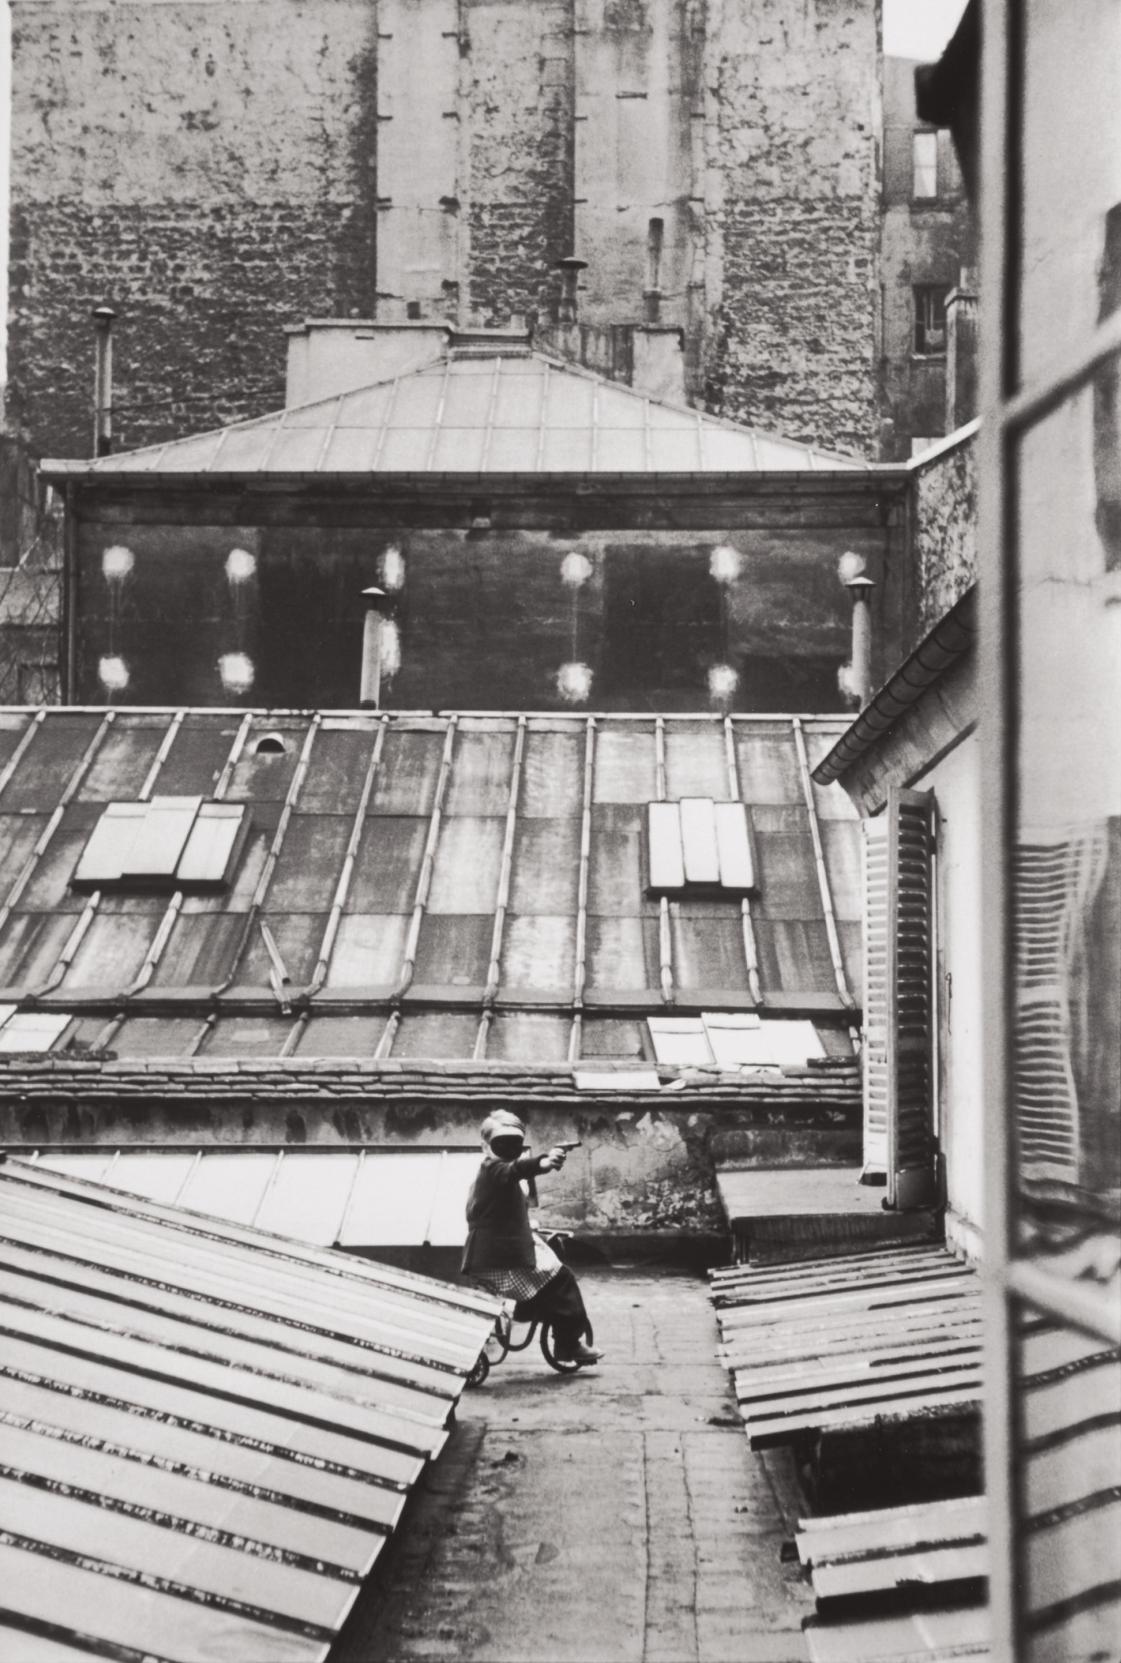 Henri Cartier-Bresson-Courtyard On The Rue La Boetie, Paris-1953